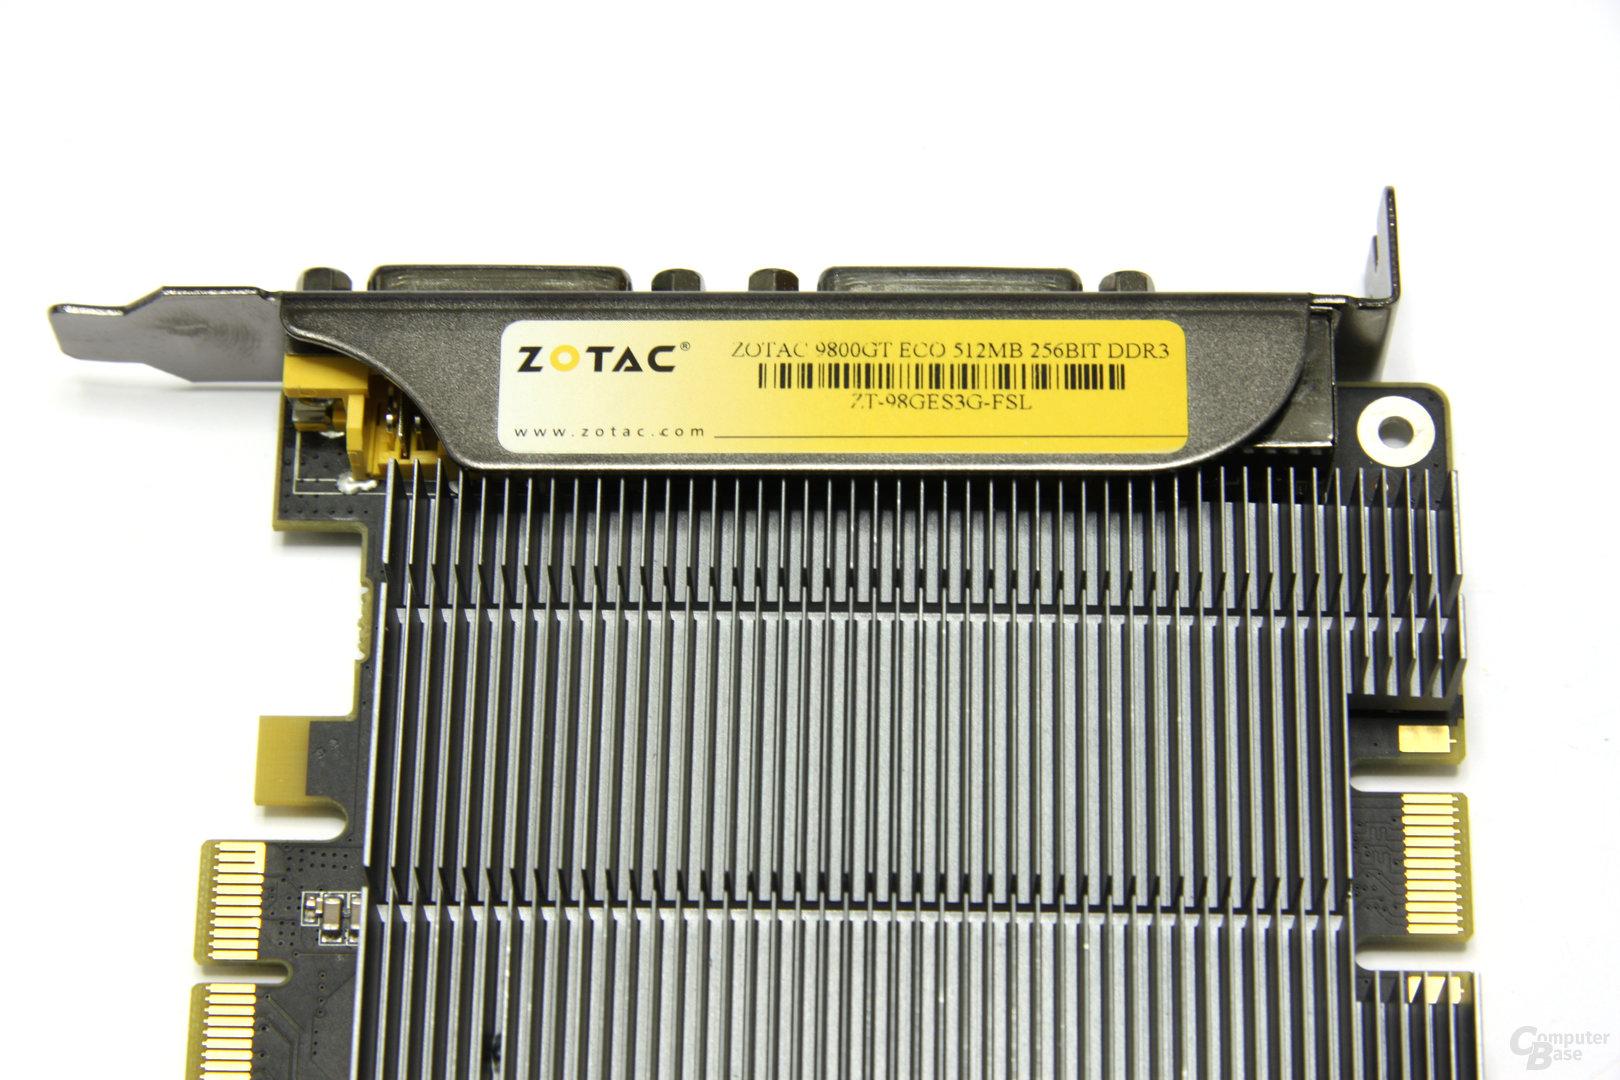 GeForce 9800 GT Eco Aufschrift